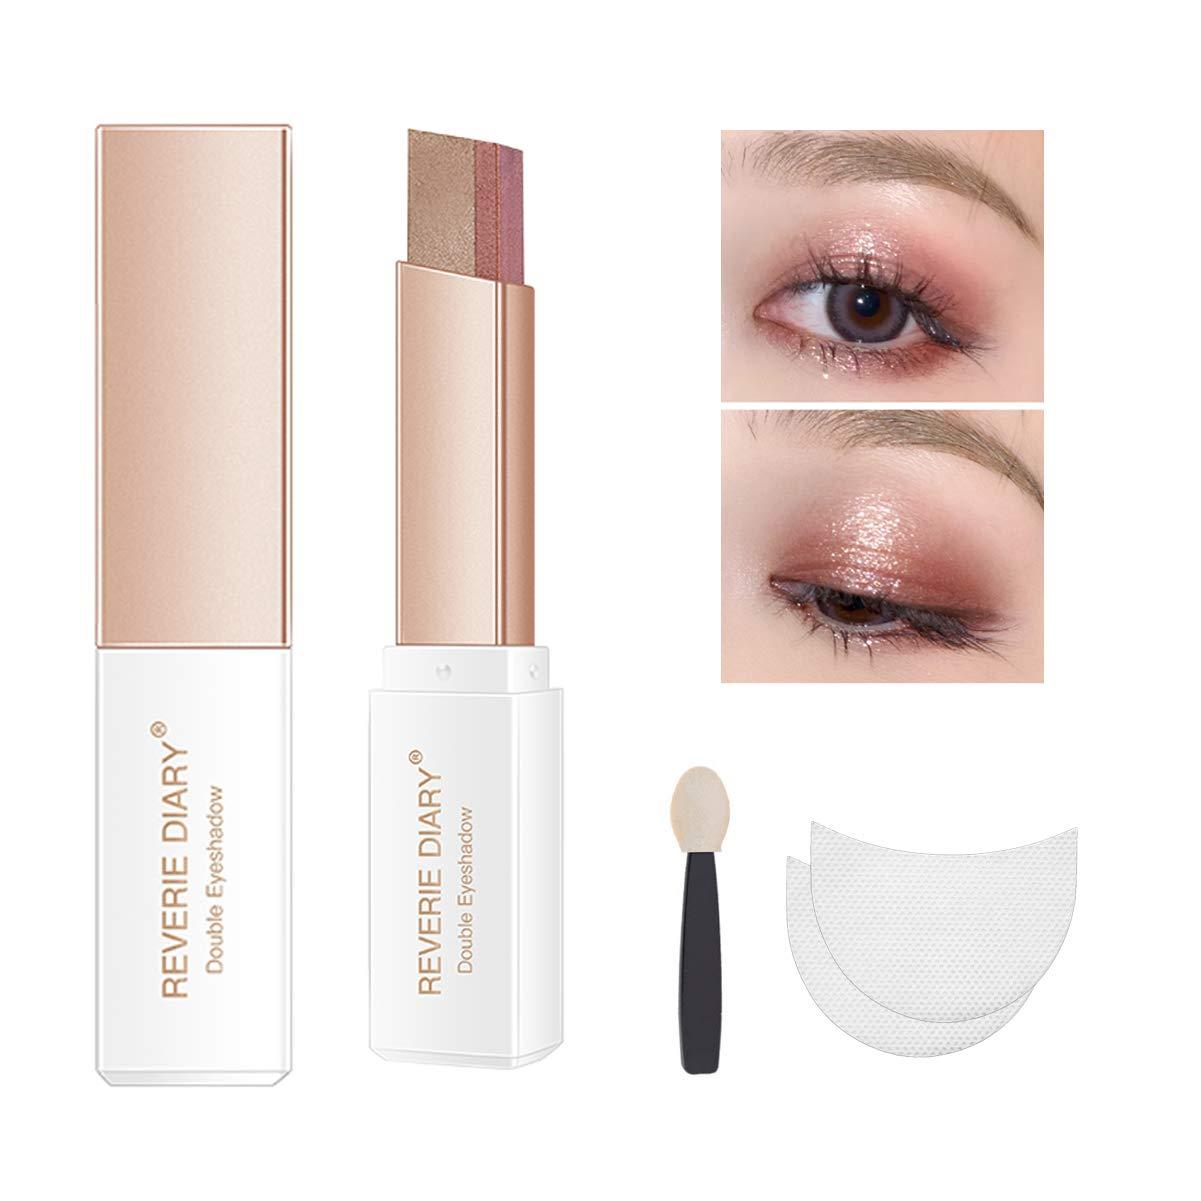 Three-piece eyeshadow stick eyeshadow prush eyeshadow sticker, eyeshadow stick two-color gradient glitter eye shadow pen rotating design, simple makeup, waterproof and not Blooming(RedBrown)